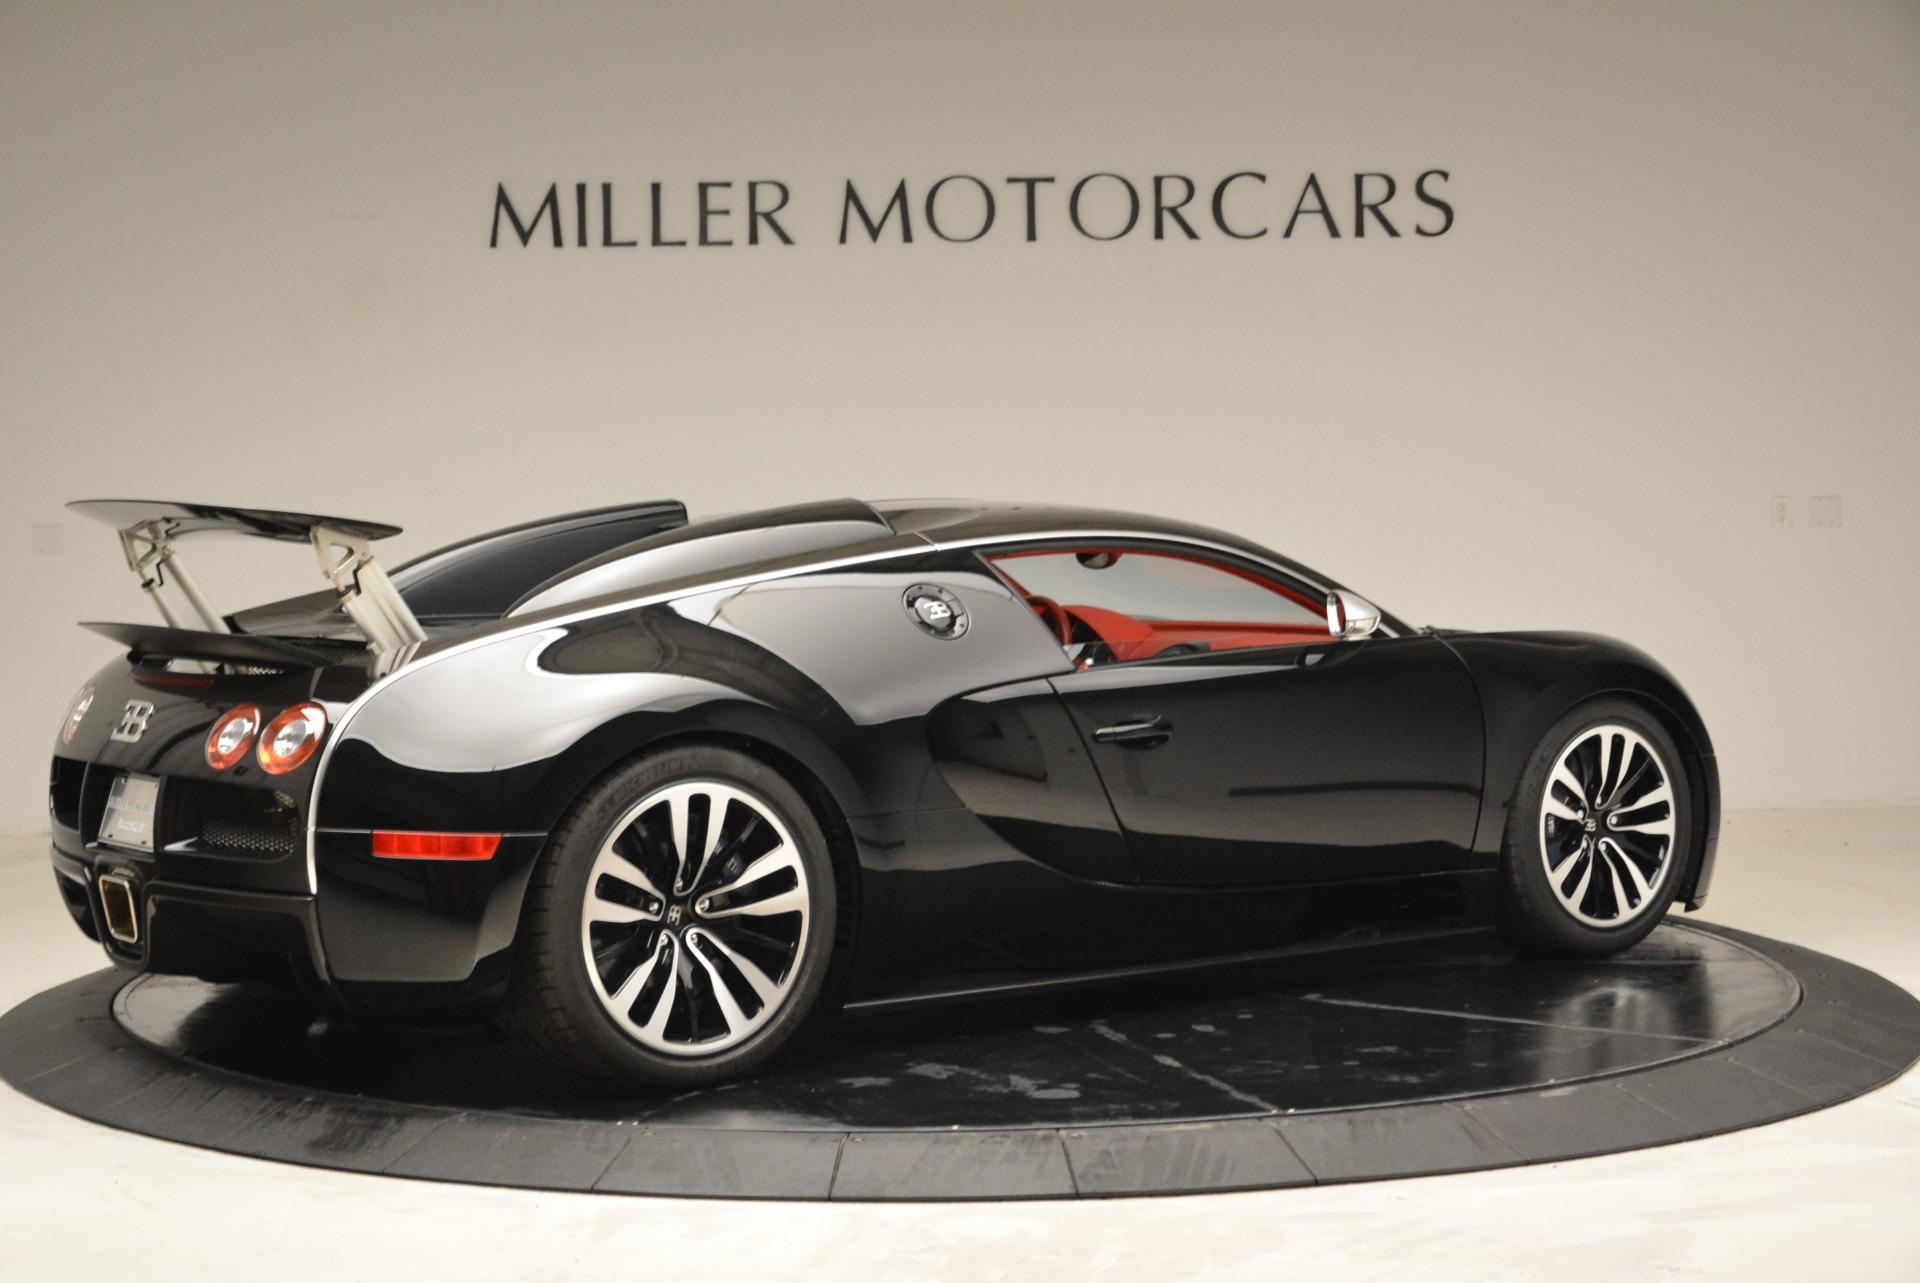 2010 Bugatti Veyron 16.4 Sang Noir Stock # 7342C-366 visit ...